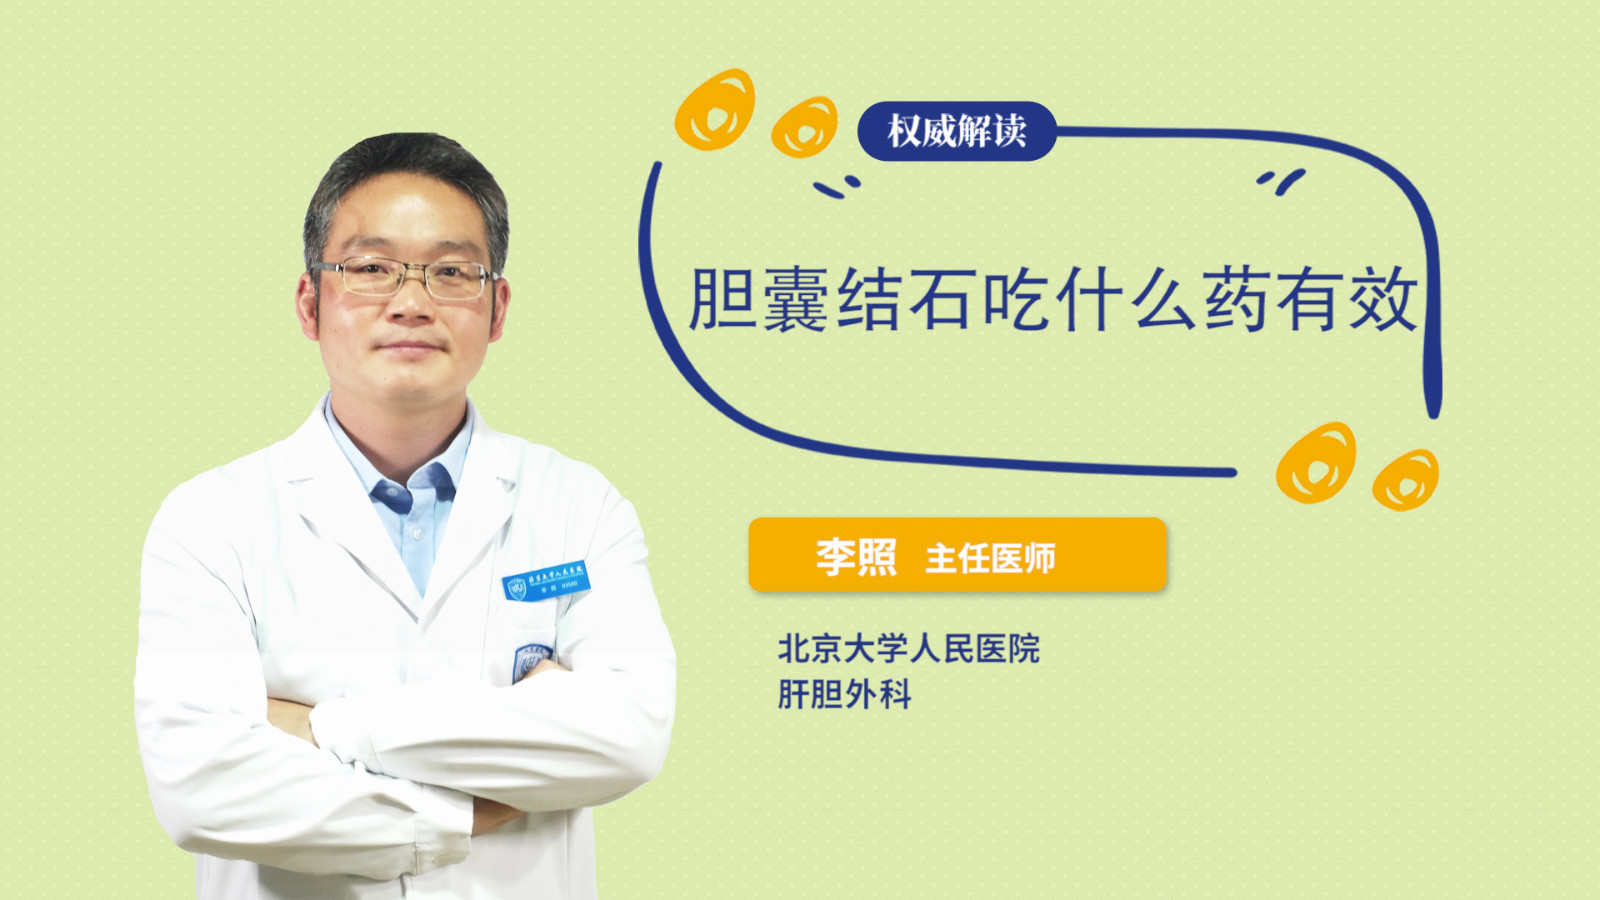 胆囊结石吃什么药有效